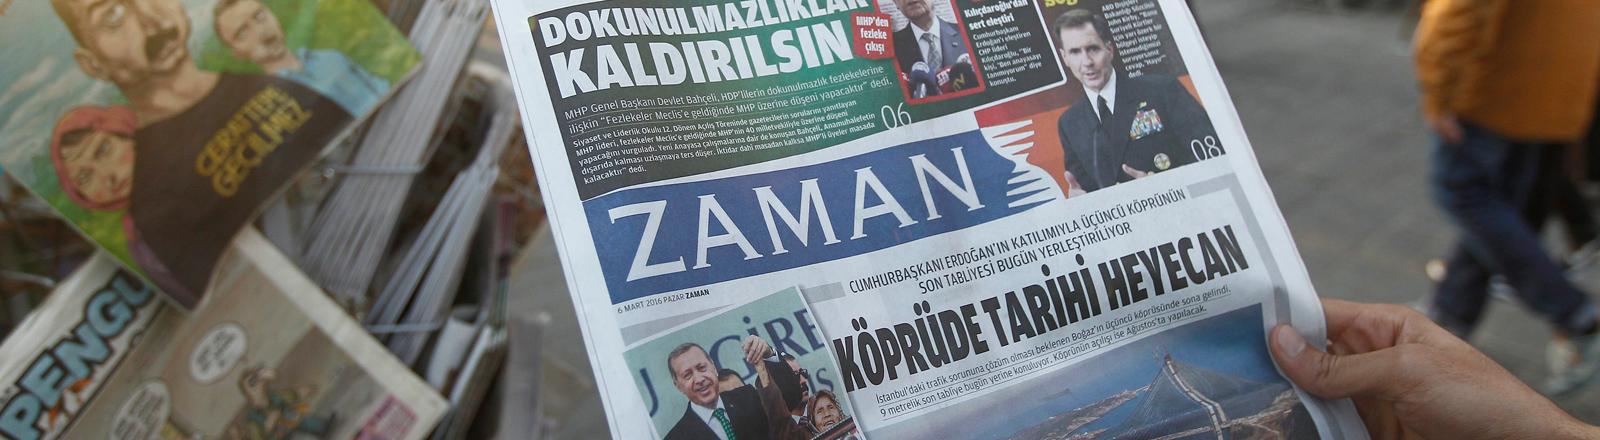 Die Ausgabe der türkischen Zeitung Zaman am 6. März 2016, zwei Tage nachdem die Polizei die Redaktionsräume gestürmt hatte.